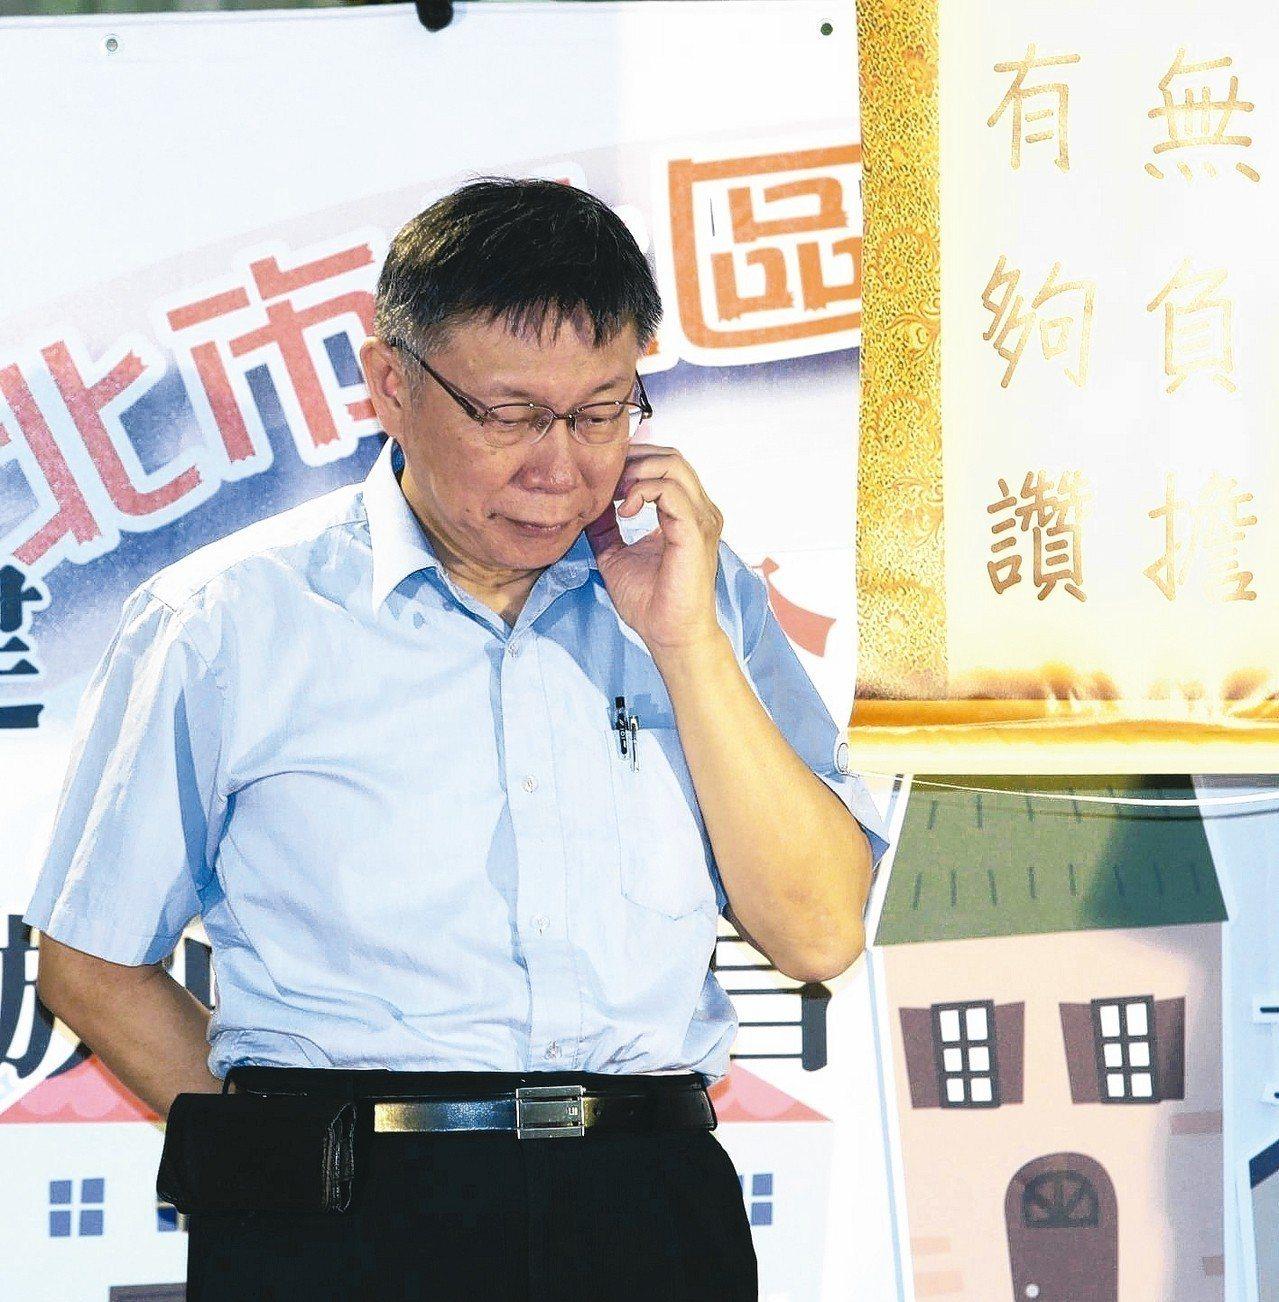 台北市長柯文哲針對葛特曼指他是個騙子的言論,重申不道歉就告他。 記者蘇健忠/攝影